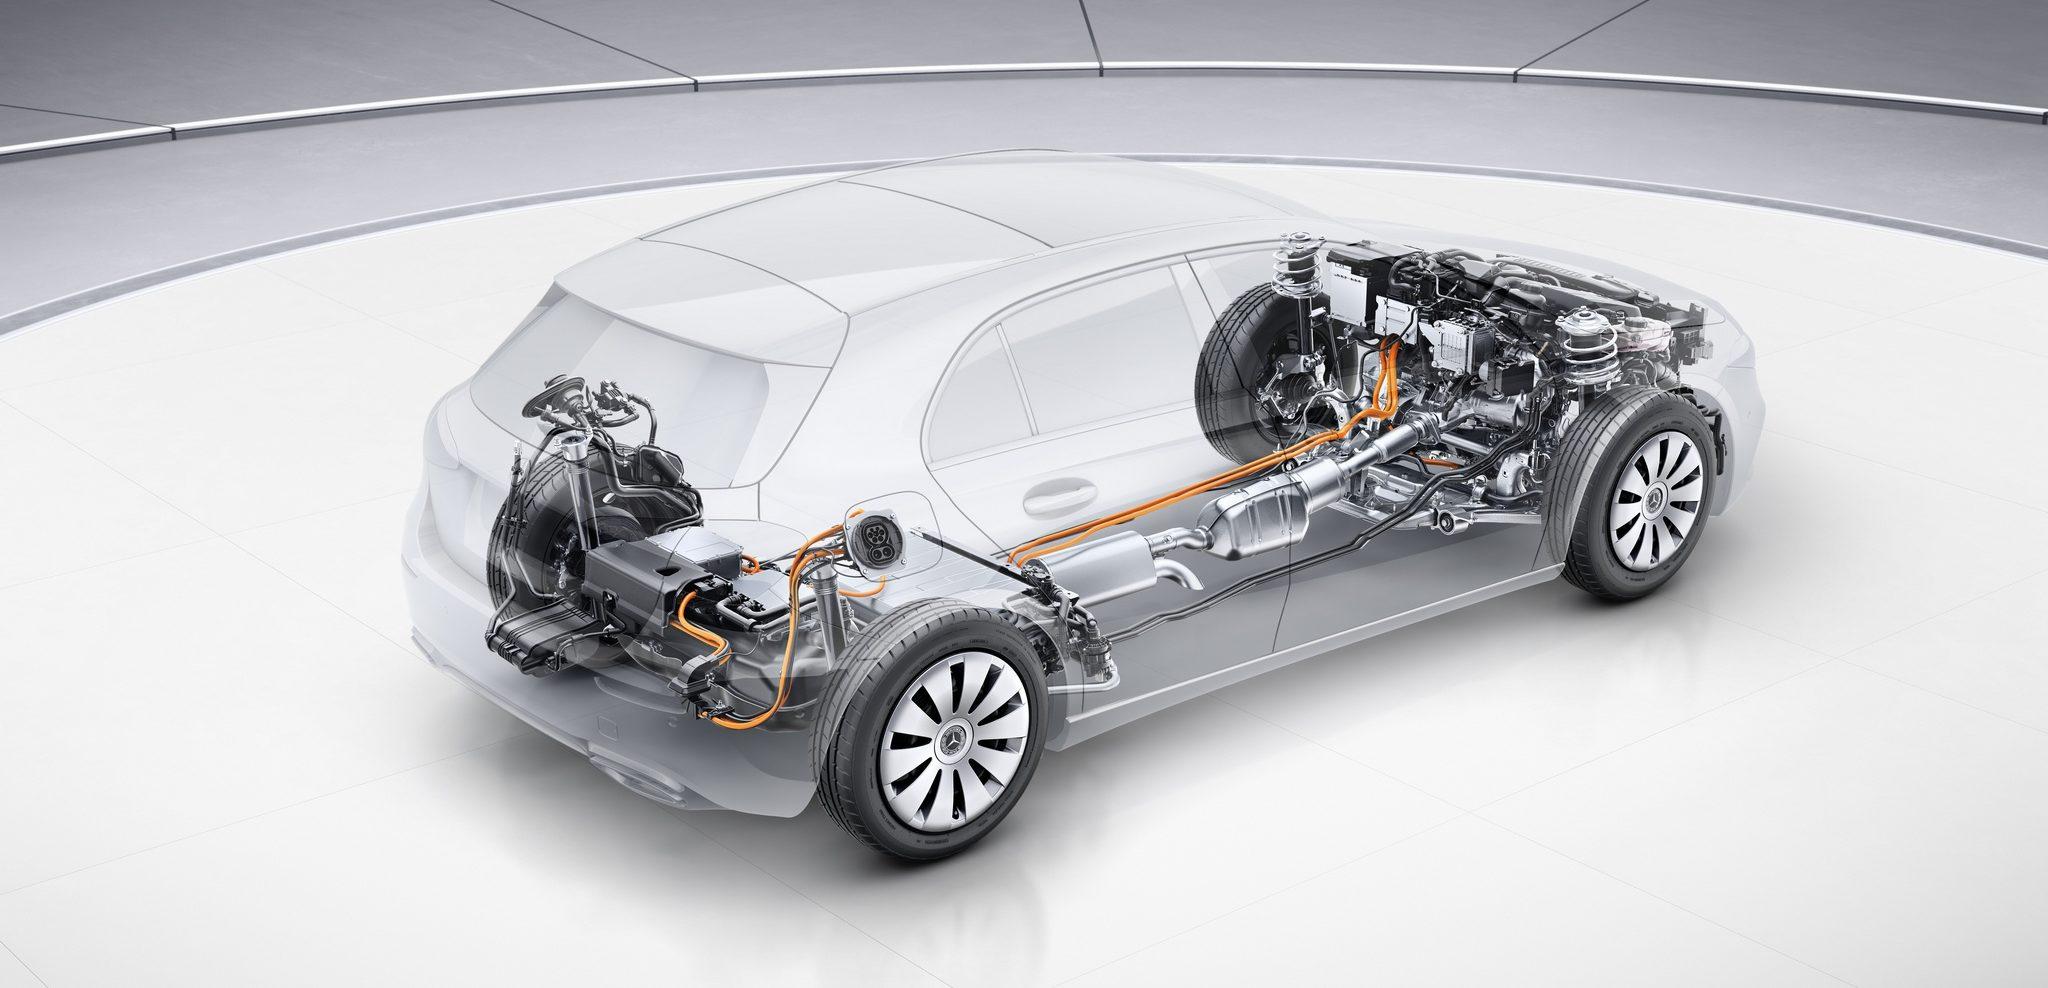 6-Hybrid-Auto-Erfahrungen-7.jpg